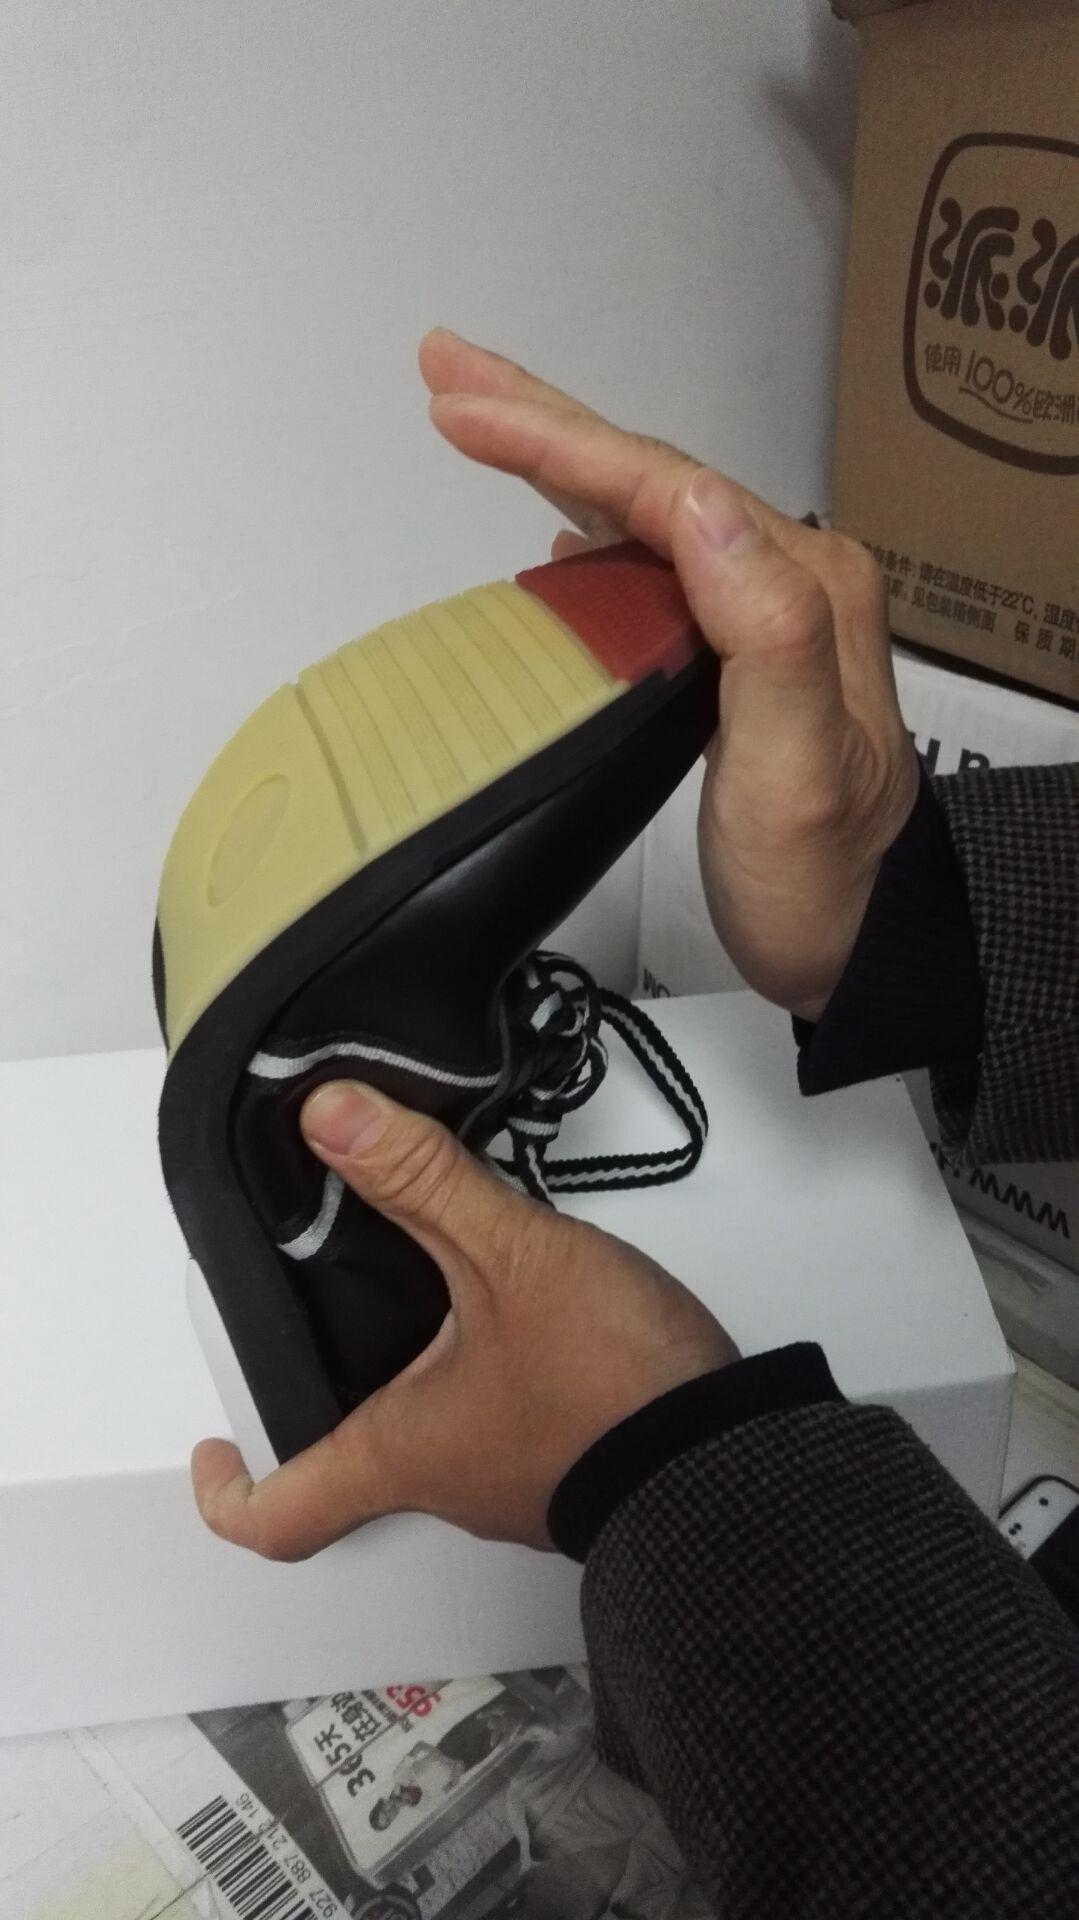 Обувь для боулинга 飞弧保龄球用品 全真皮黑色个性款式专业保龄球鞋 软底舒适大方